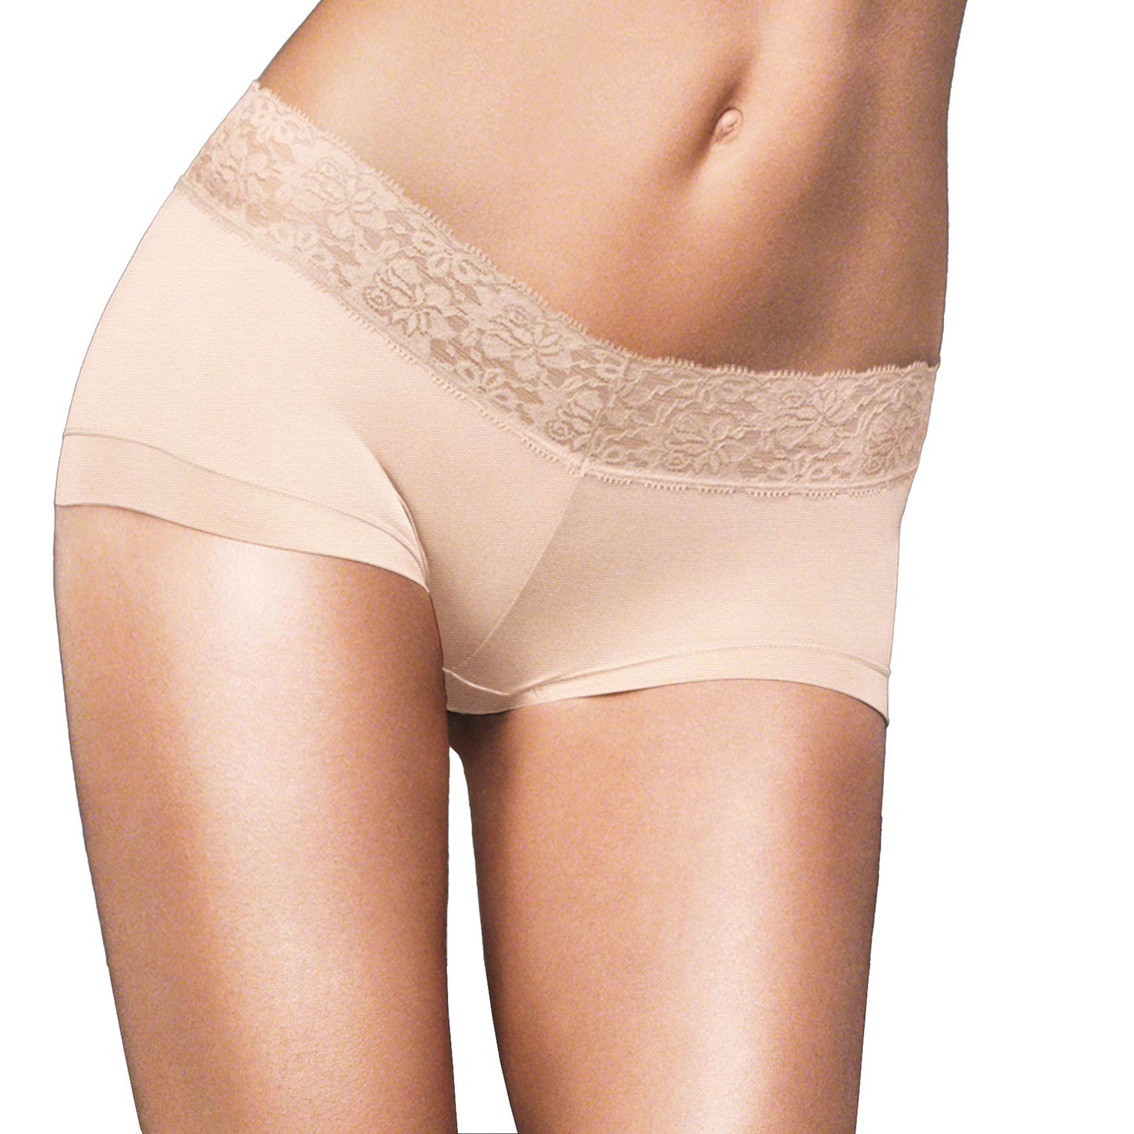 ac40d10b194 Maidenform Cotton Dream Lace Boyshort Panties | Lingerie | Apparel ...